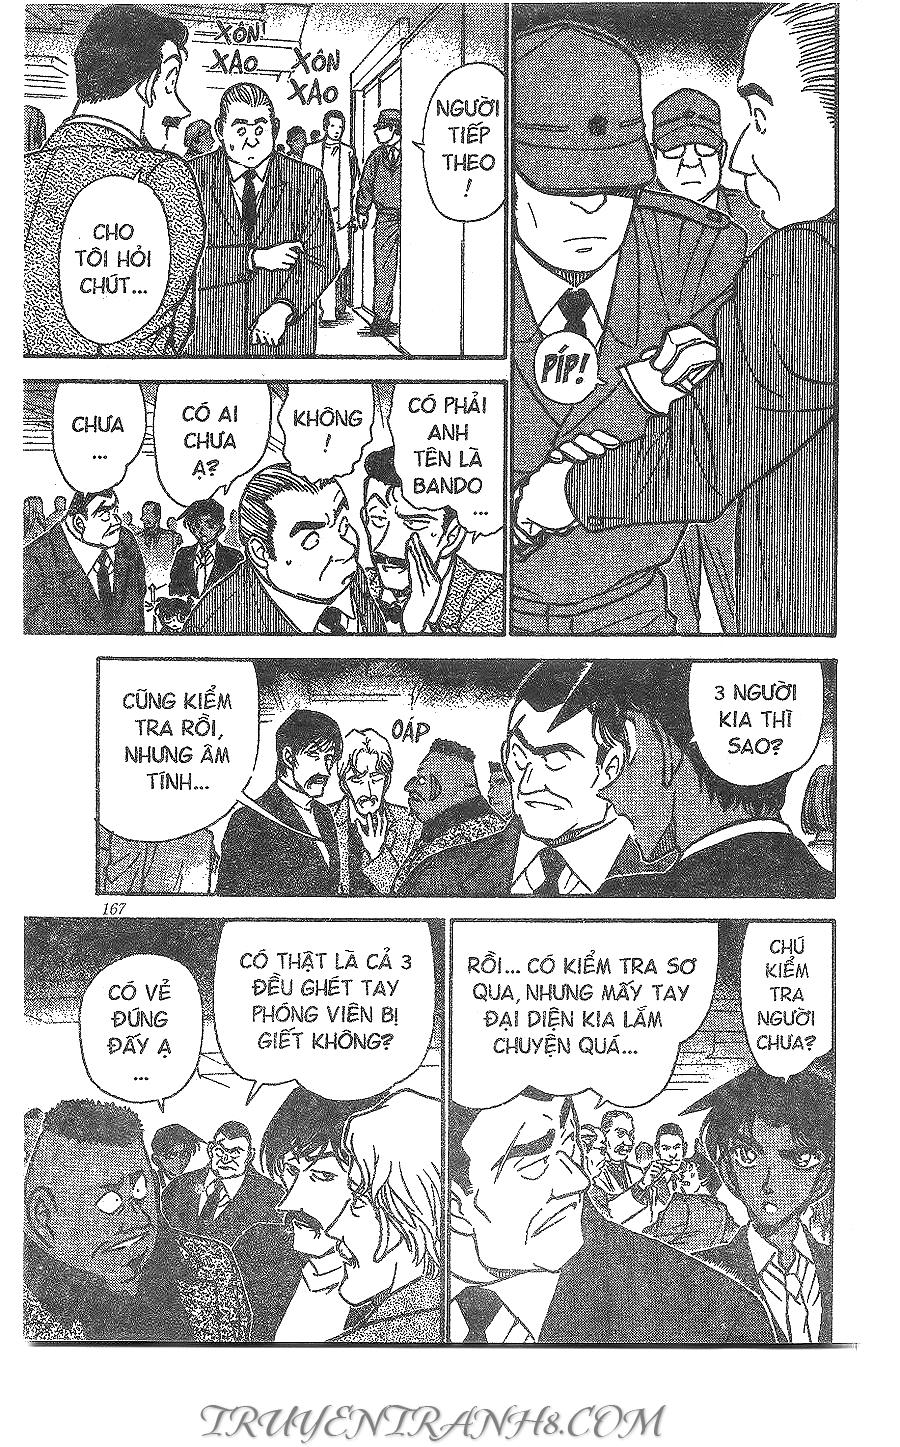 xem truyen moi - Conan Chap 294